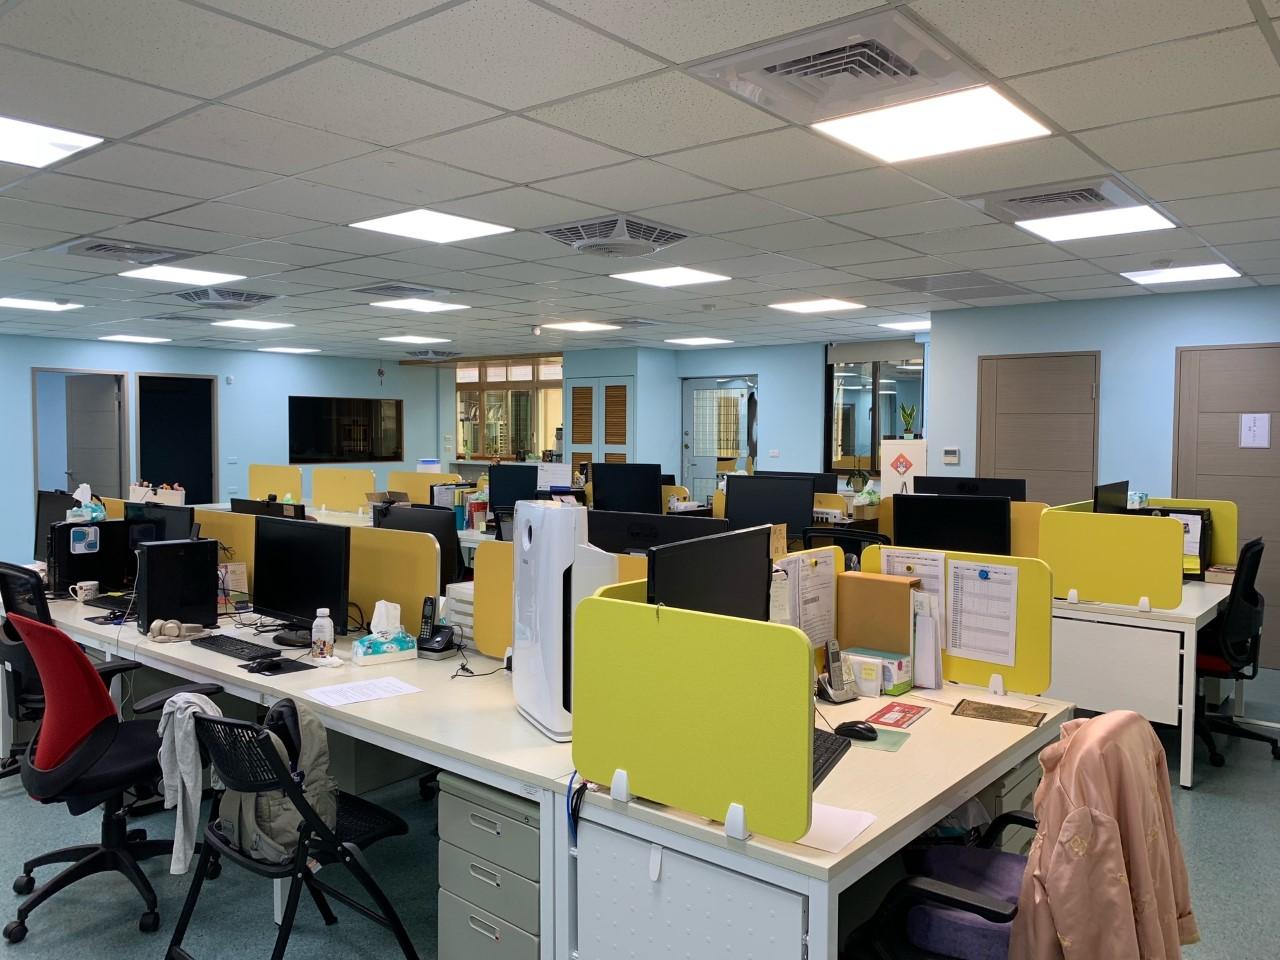 Een blik op de werkplek van Annie in Taipeh.